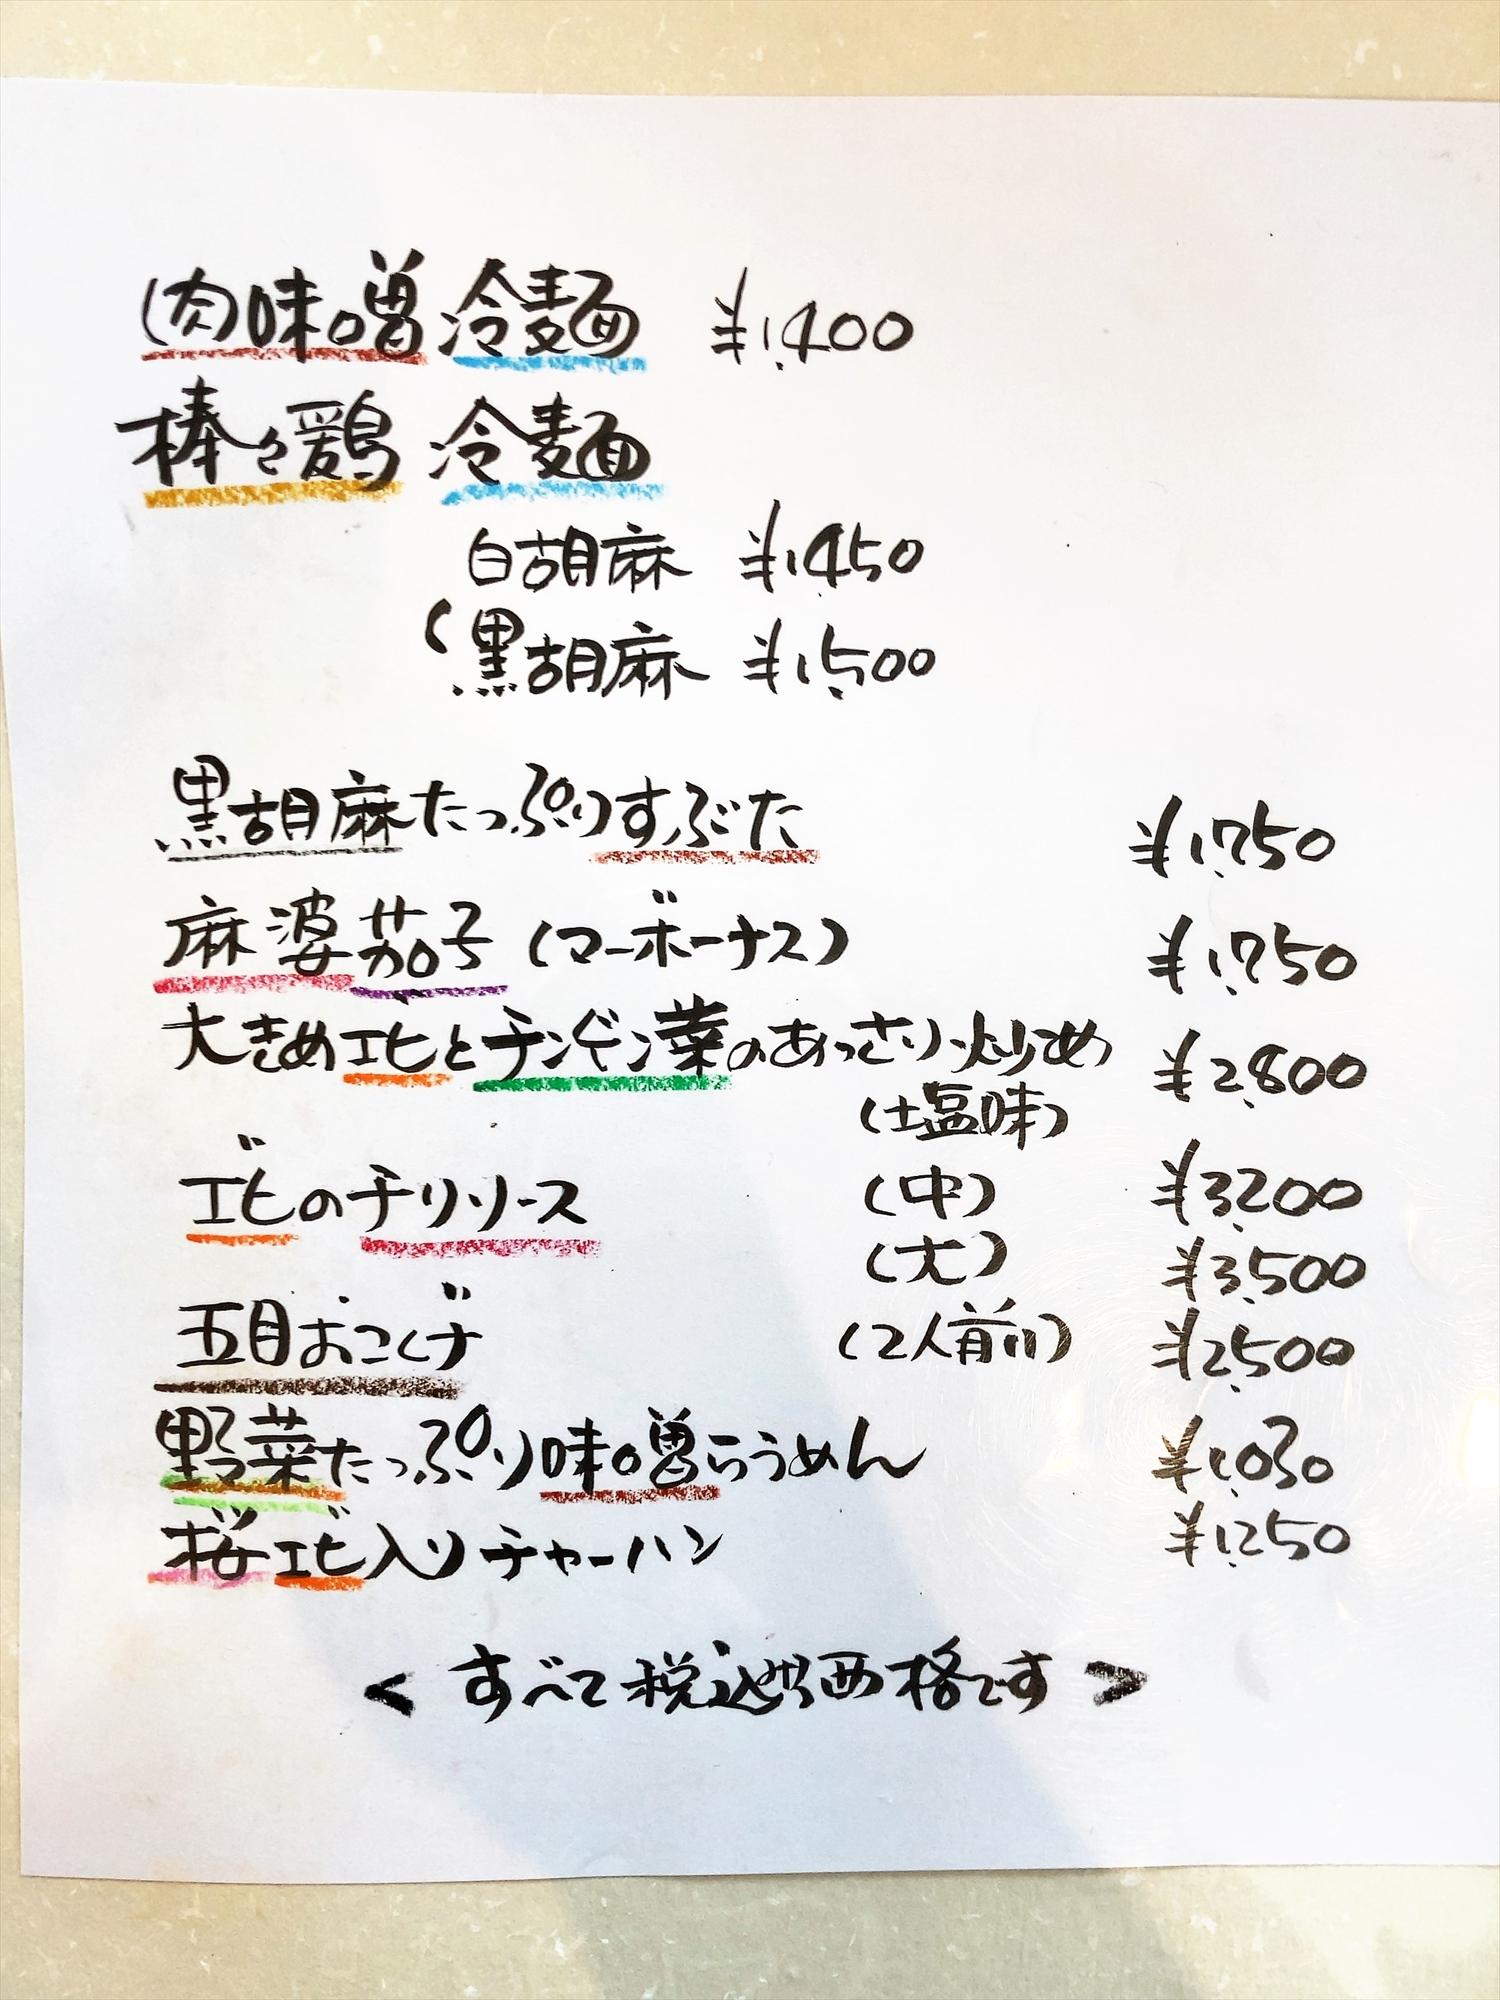 中国料理 花茶亭のメニュー